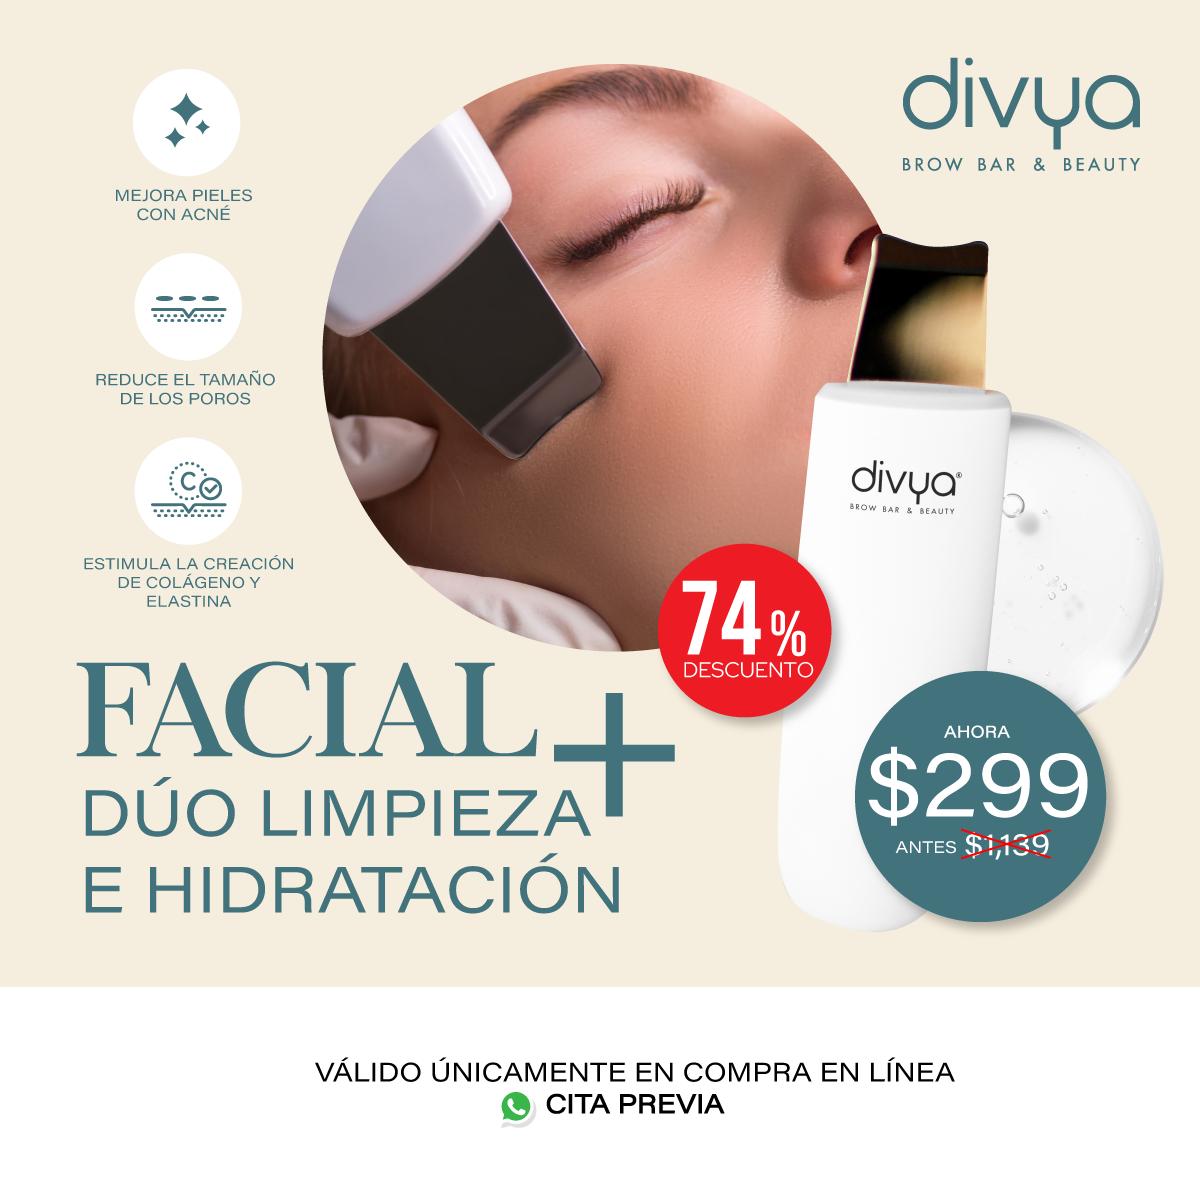 Facial Duo Limpieza + Hidratación- SÓLO PARQUE LINDAVISTA&w=900&h=900&fit=crop